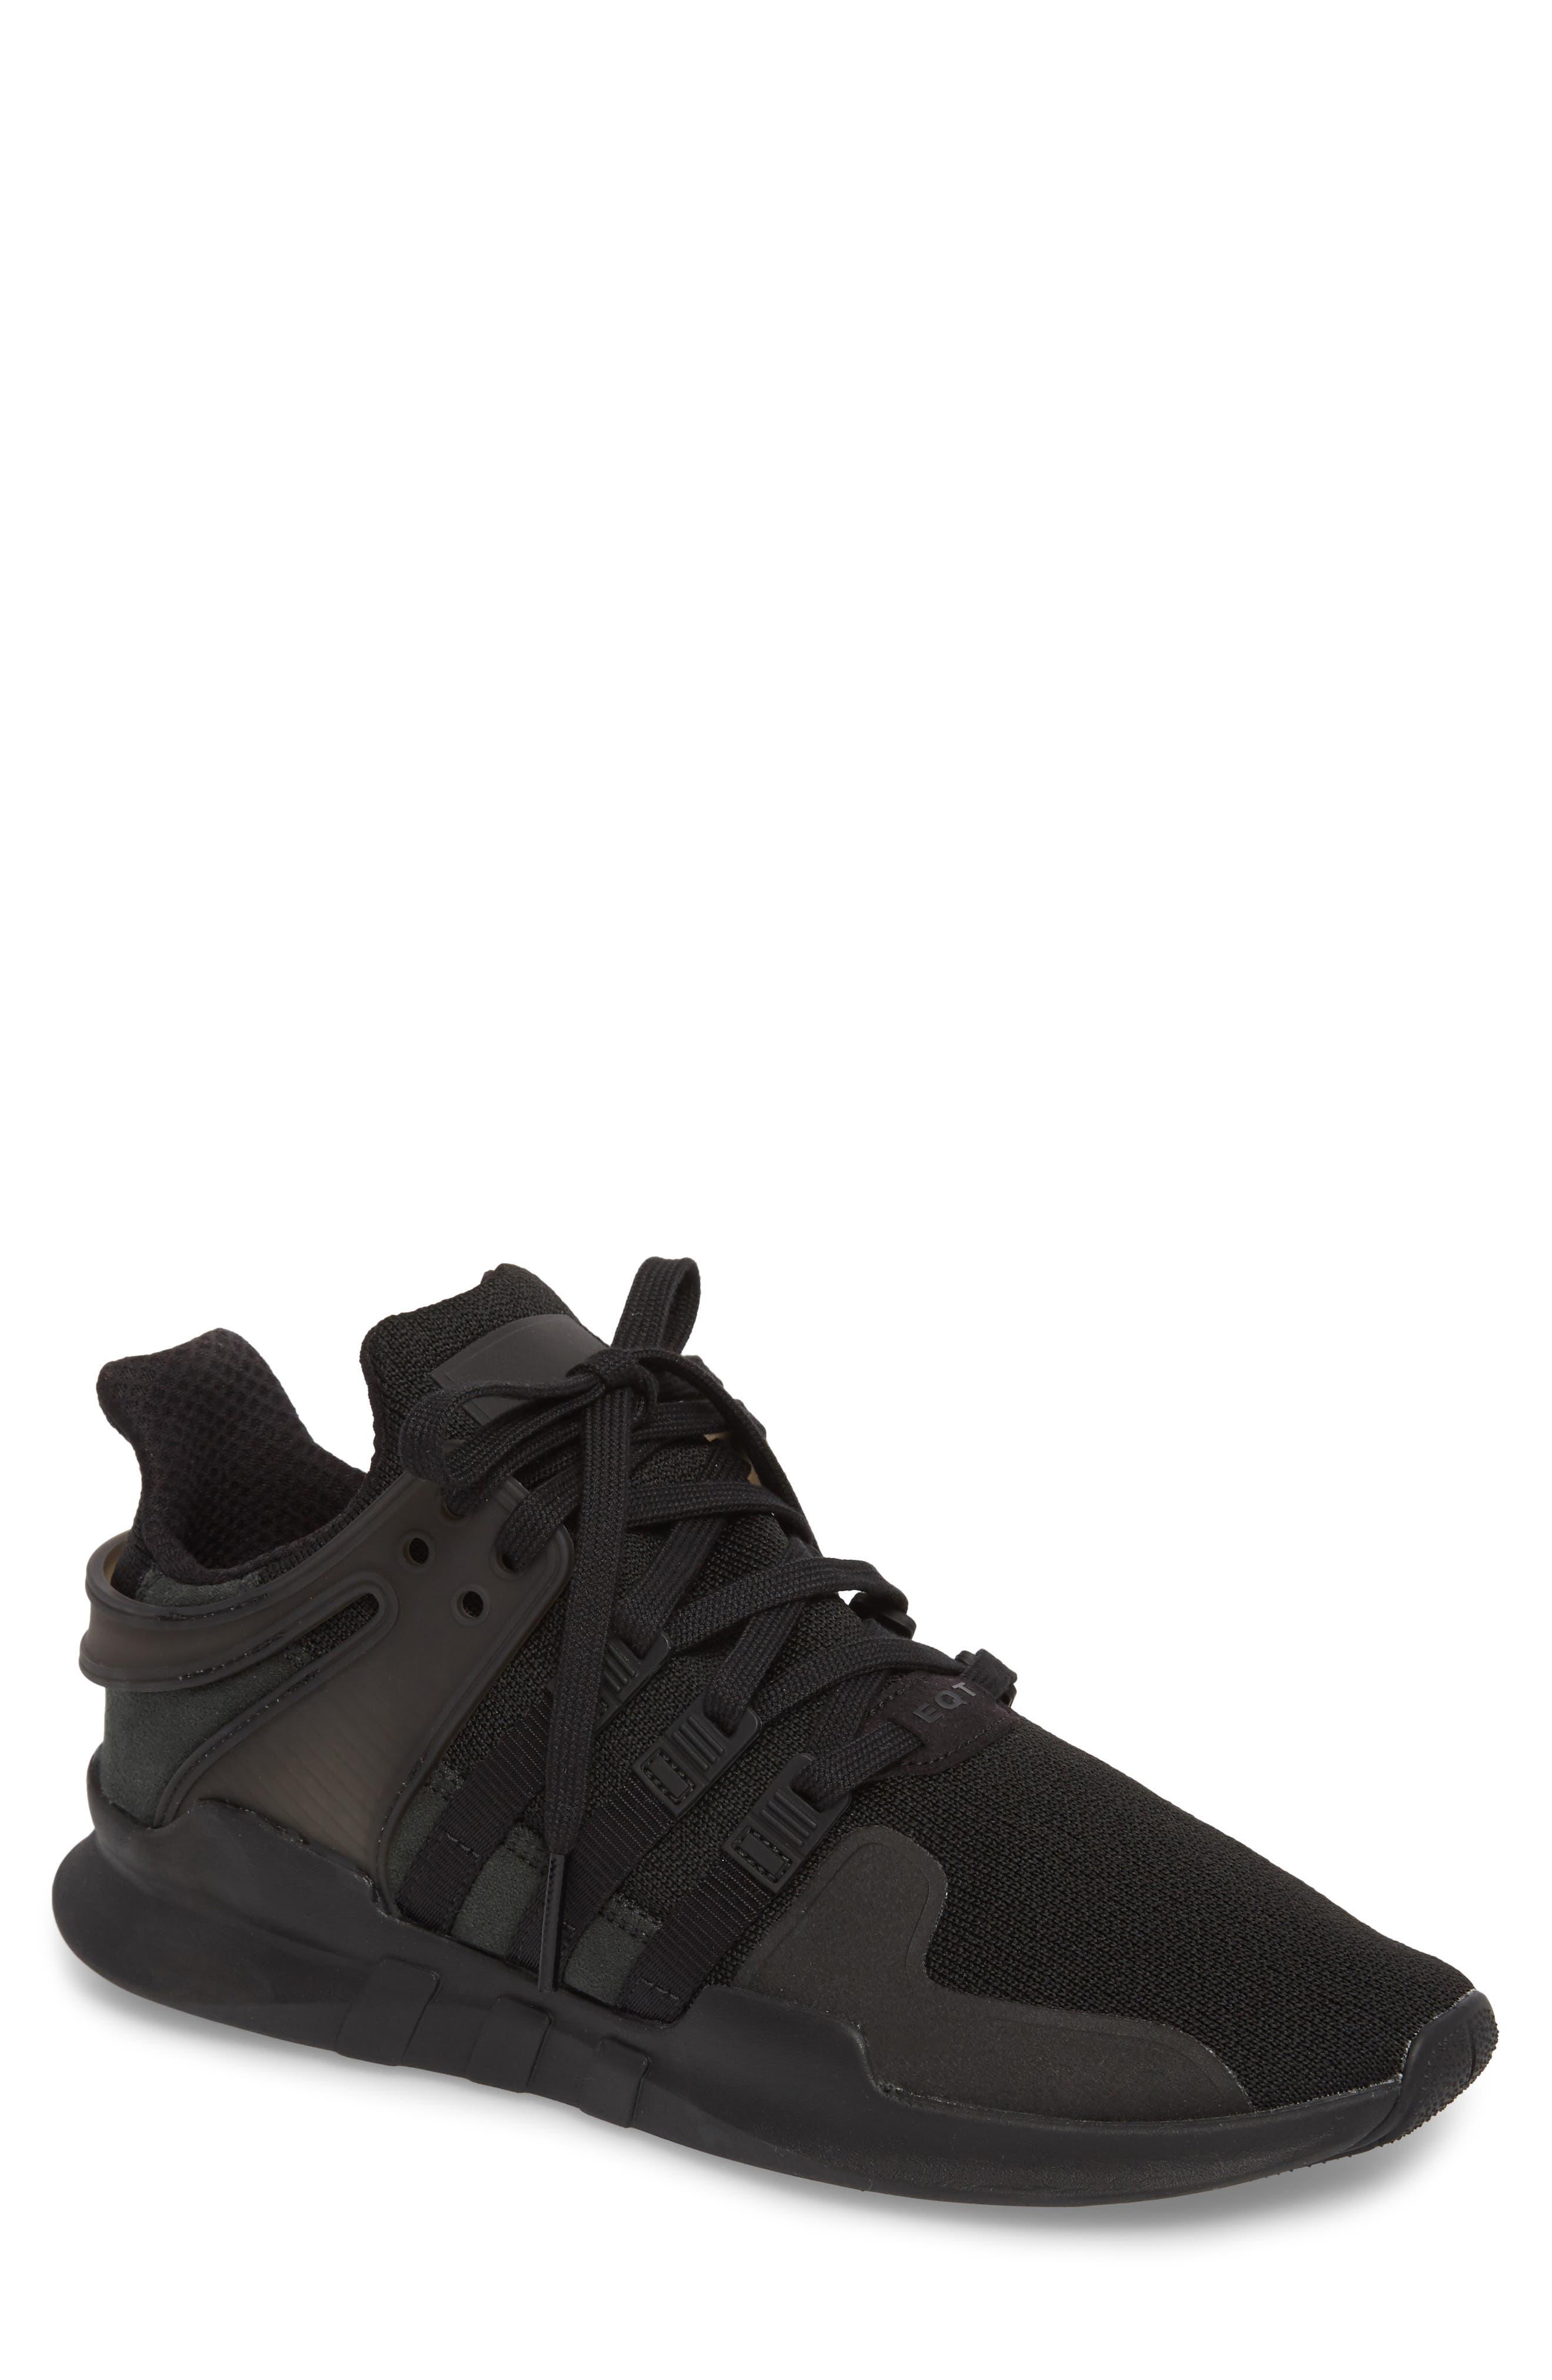 EQT Support Adv Sneaker,                         Main,                         color, Core Black / Black / White